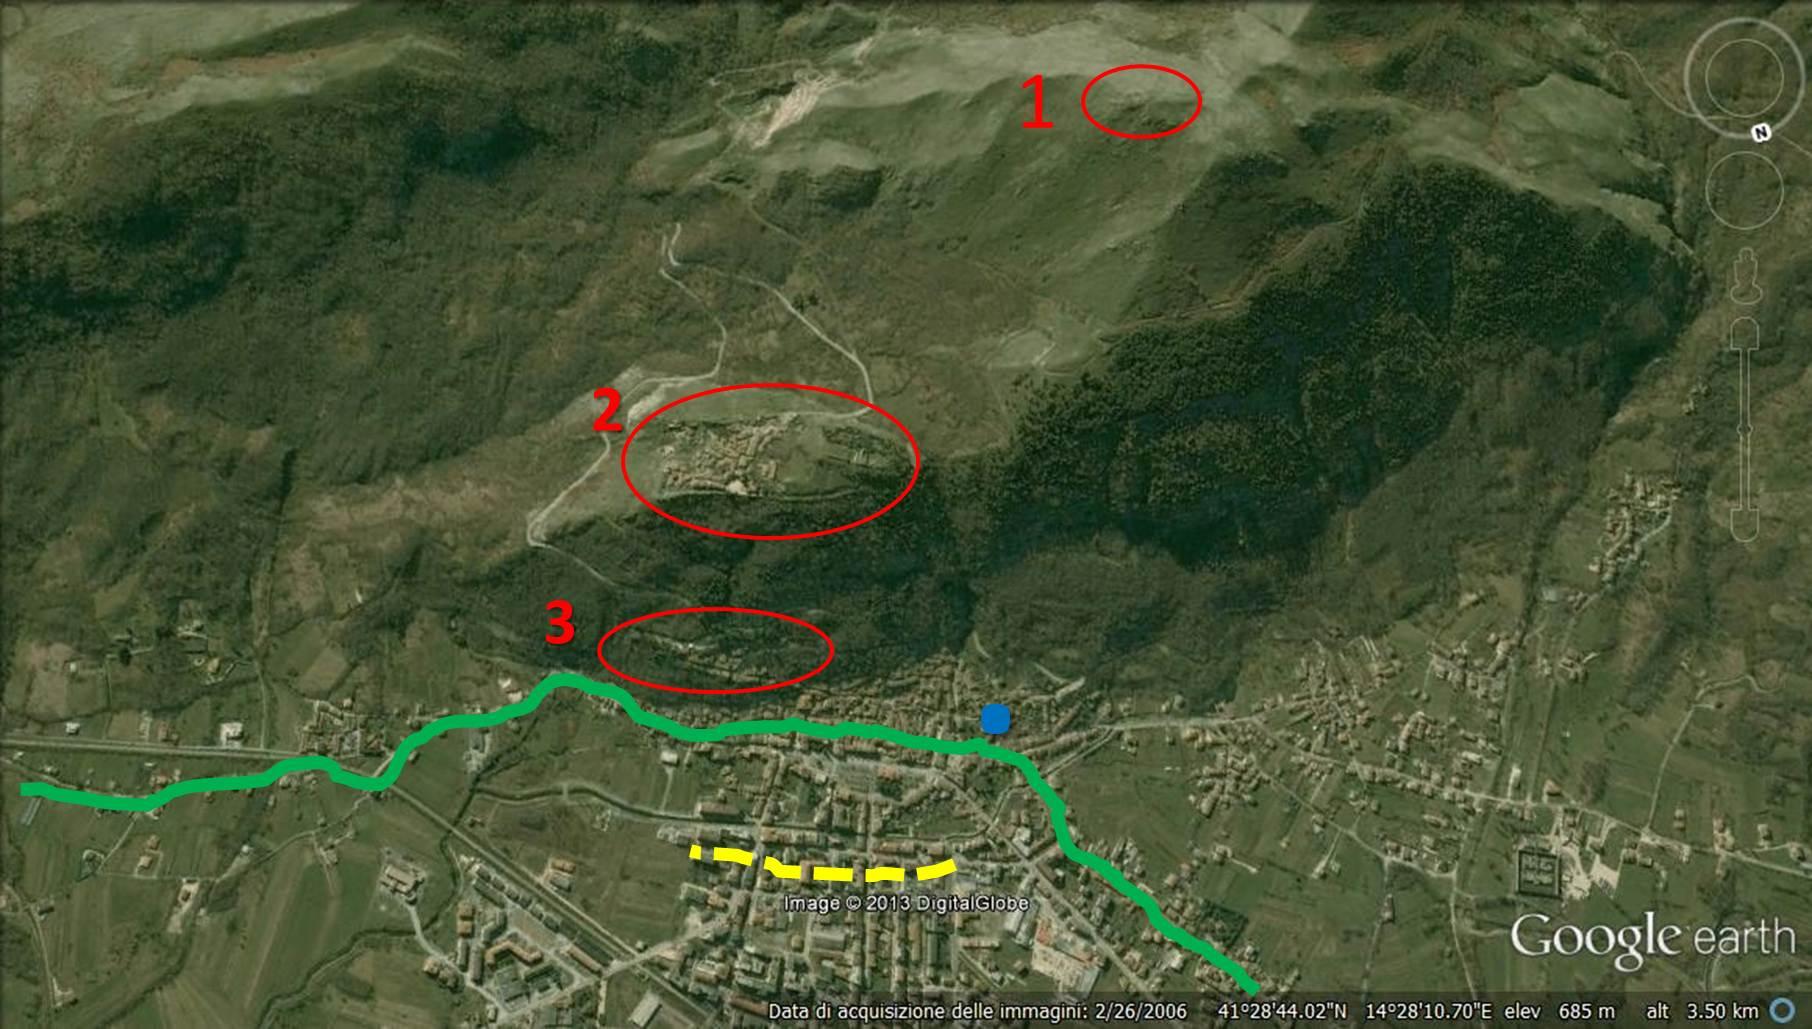 """1. monte Crocella, già """"colle pagano"""". 2. la collina di Civita Suoeriore di Bojano, sulla sommità fu fondata BOVAIANOM. 3. Terrazzamento. Il pecordo del tratturo Pescasseroli-Candela. (giallo) Il probabile limite della espansione di """"Bovianum""""  in epoca romana."""